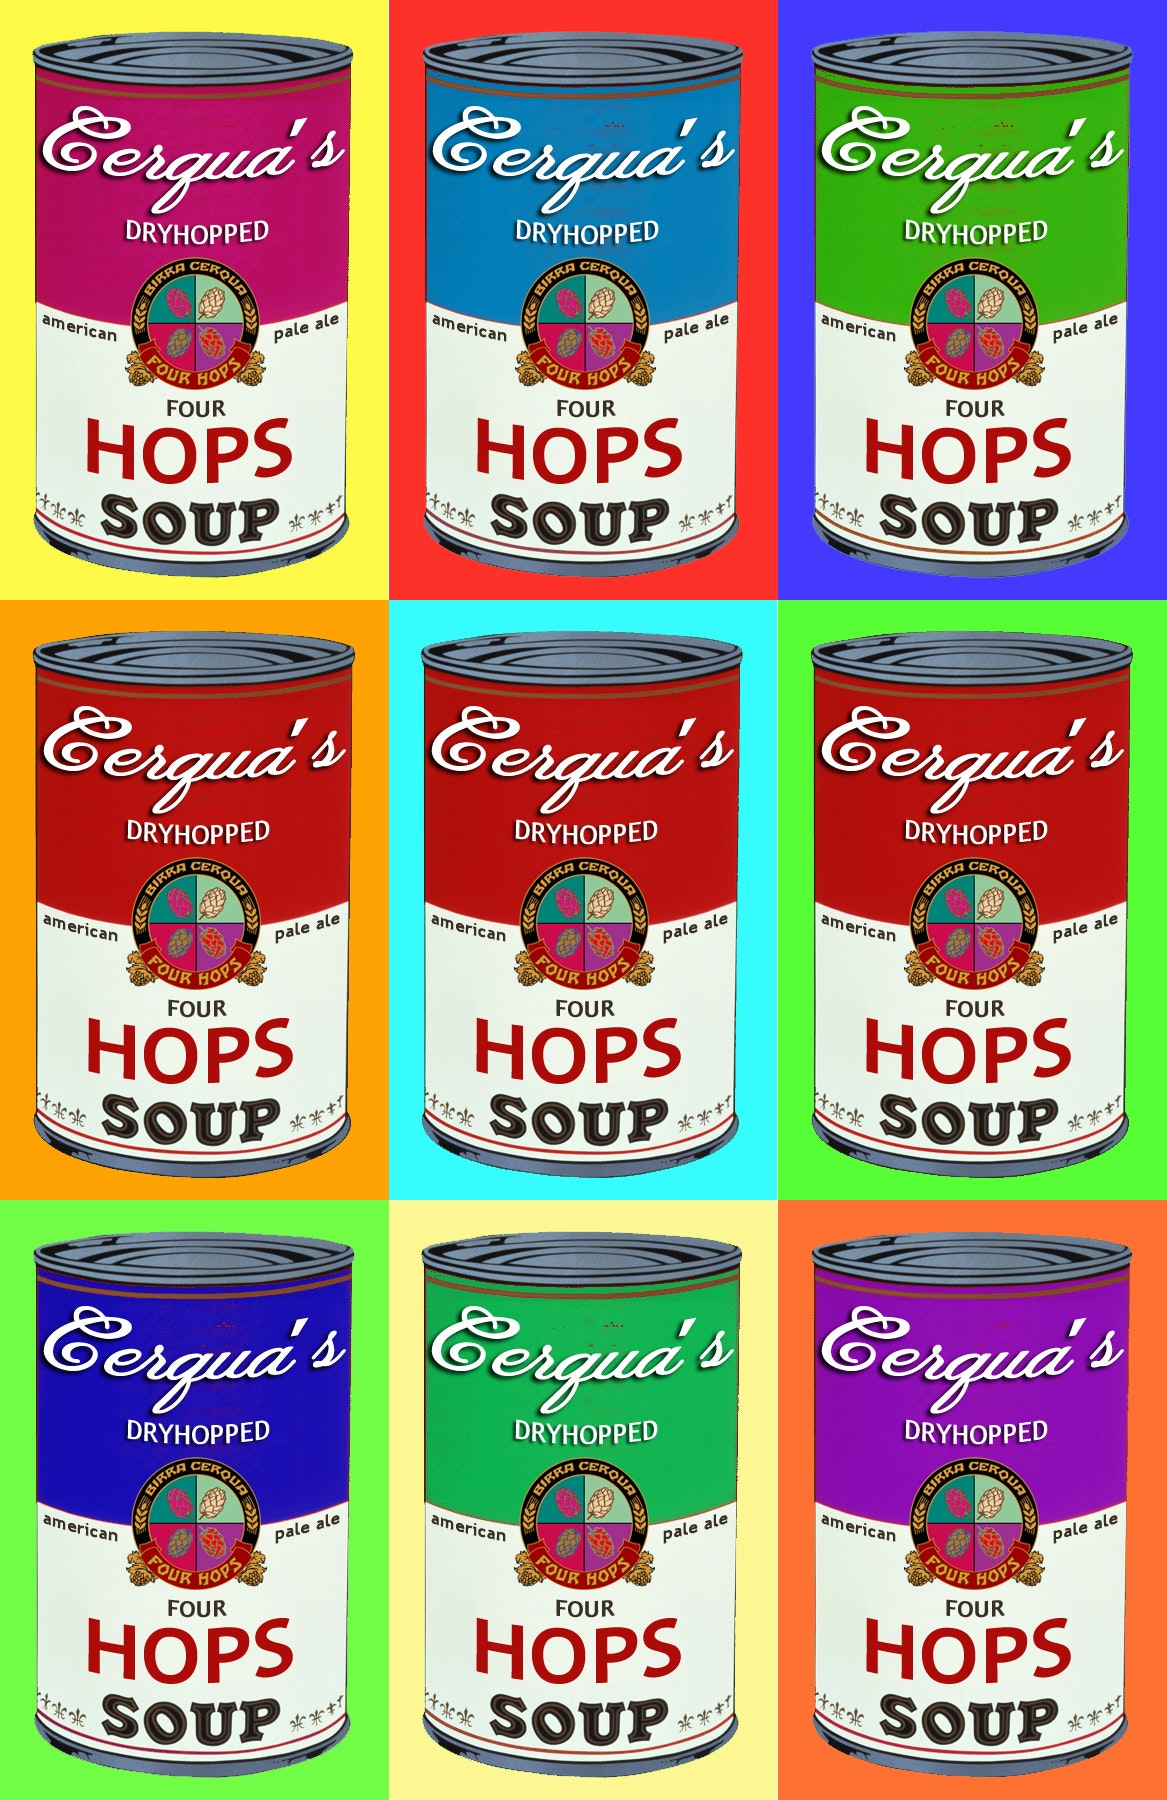 1528878770480318 hops soup definitiva 9img